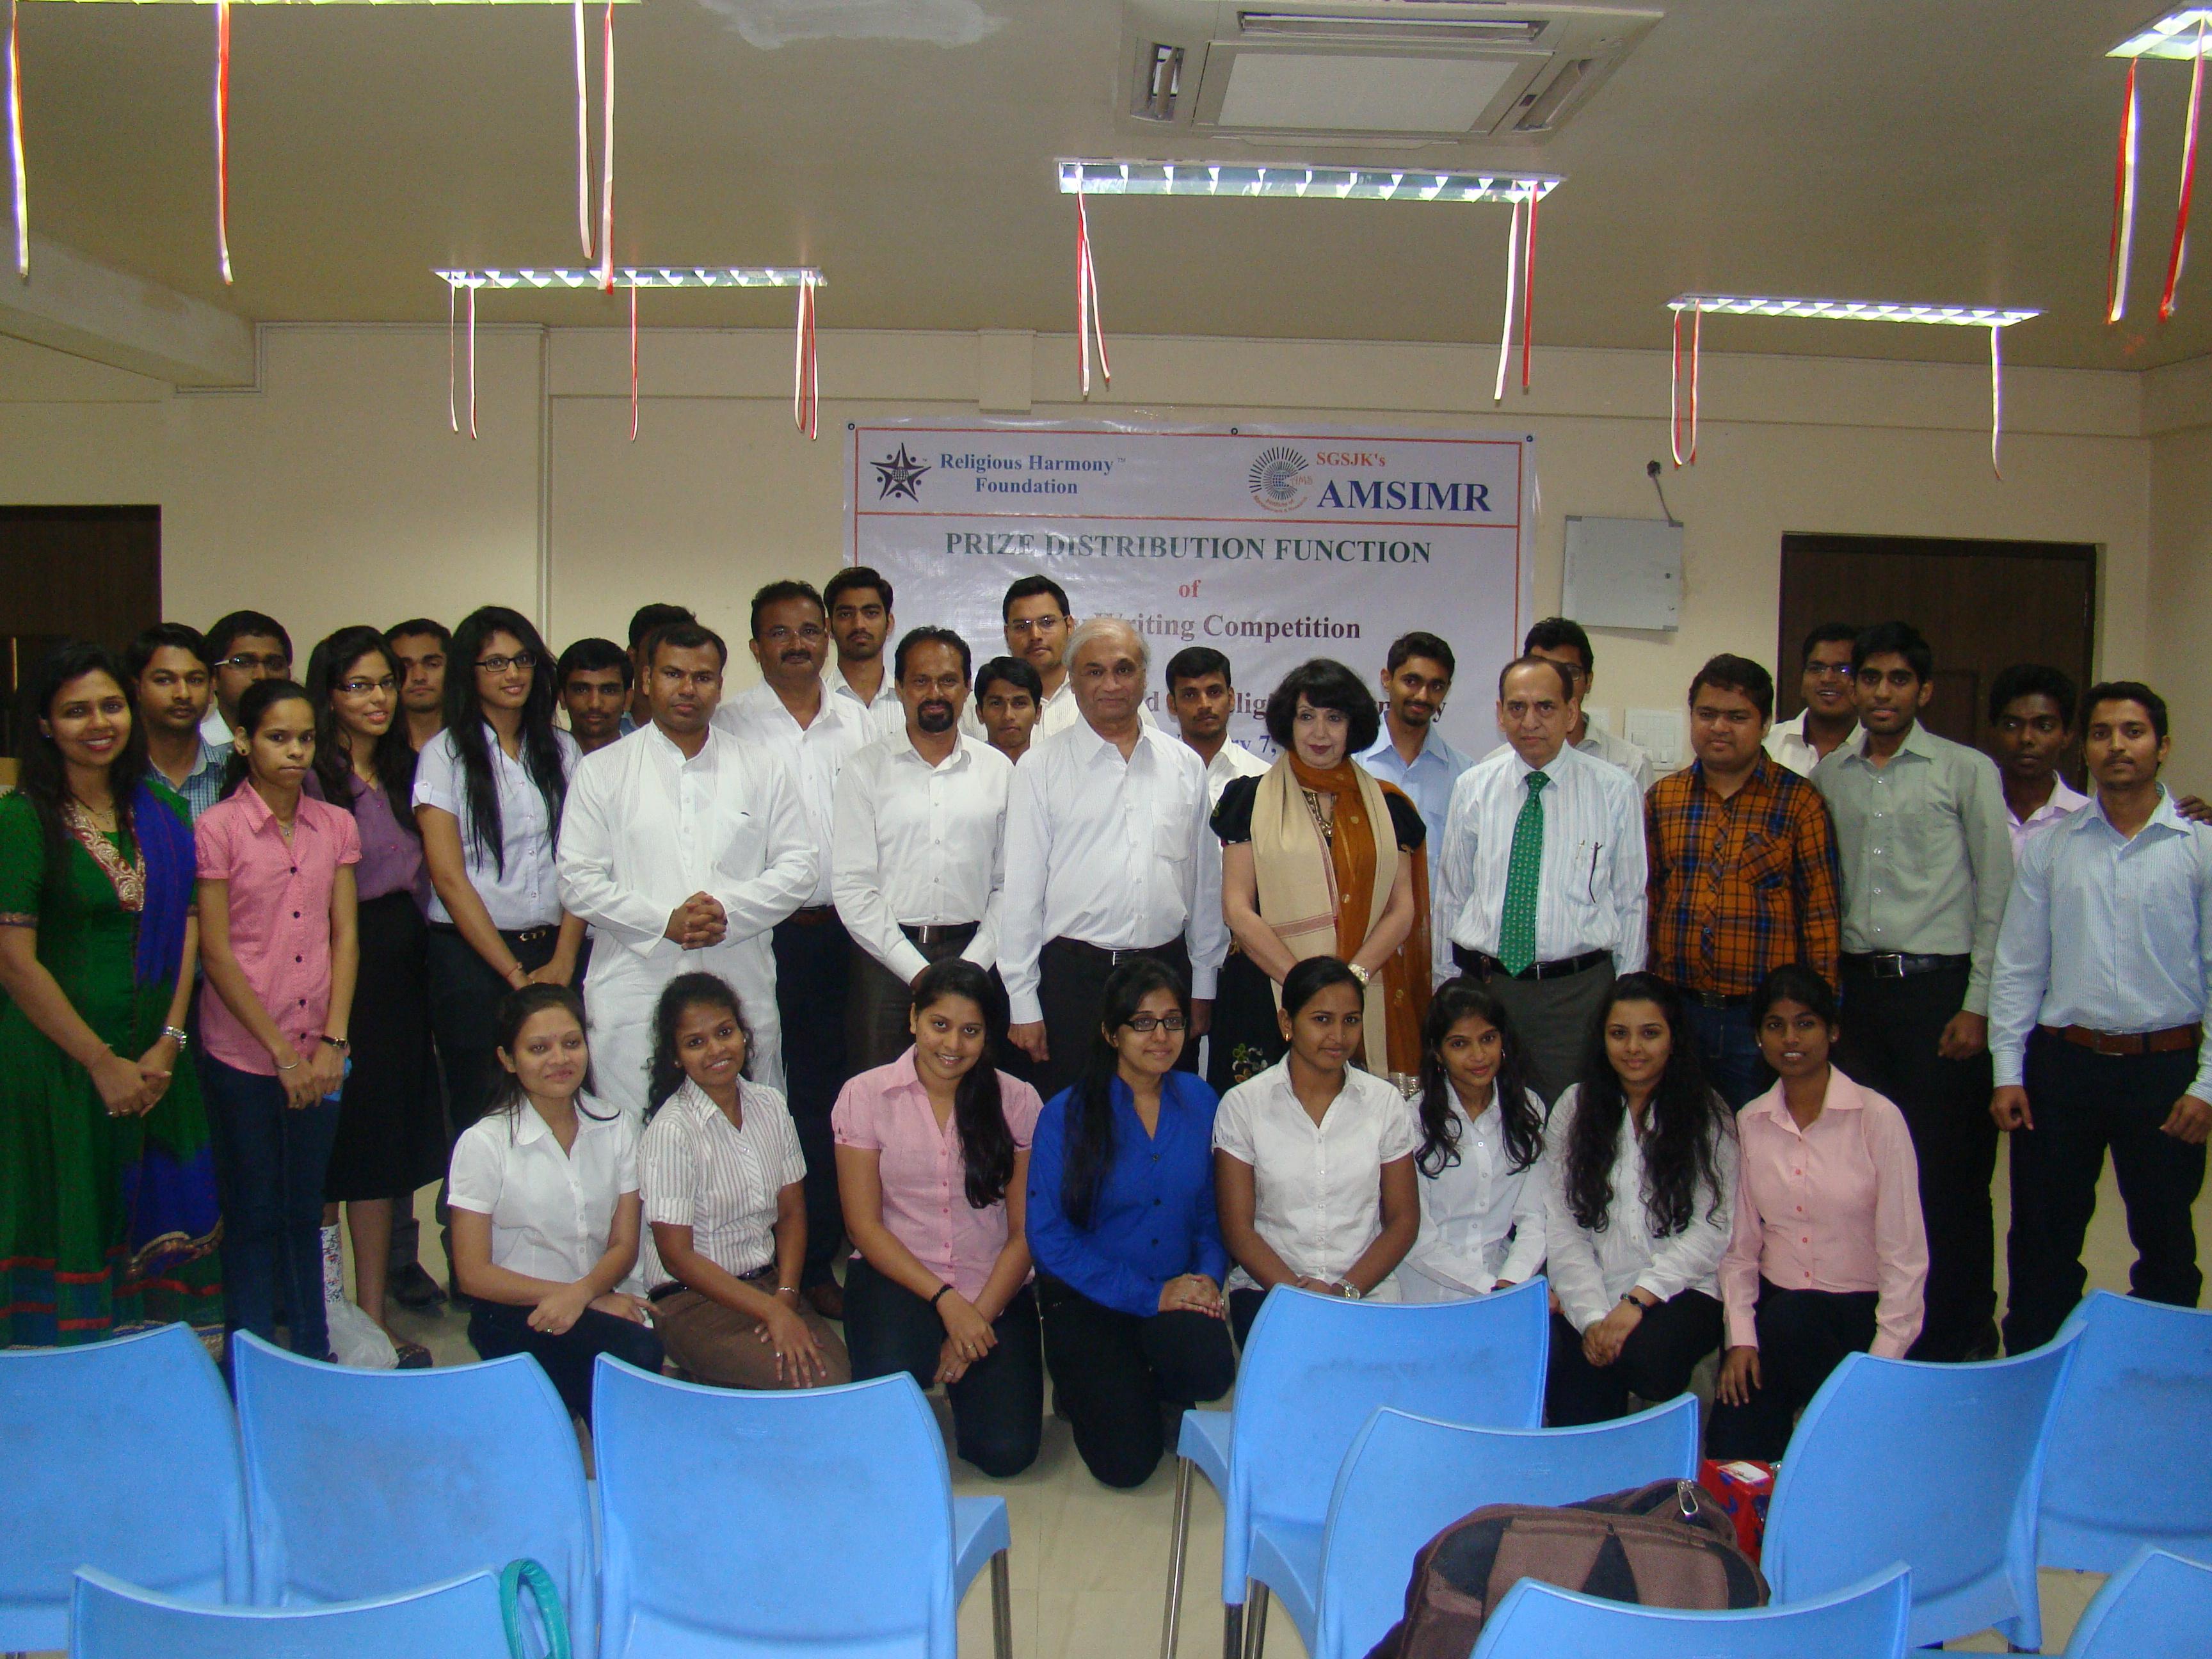 Participants-World-Interfaith-Harmony-Week-2015-Religious-Harmony-Foundation-Mumbai-INDIA.JPG